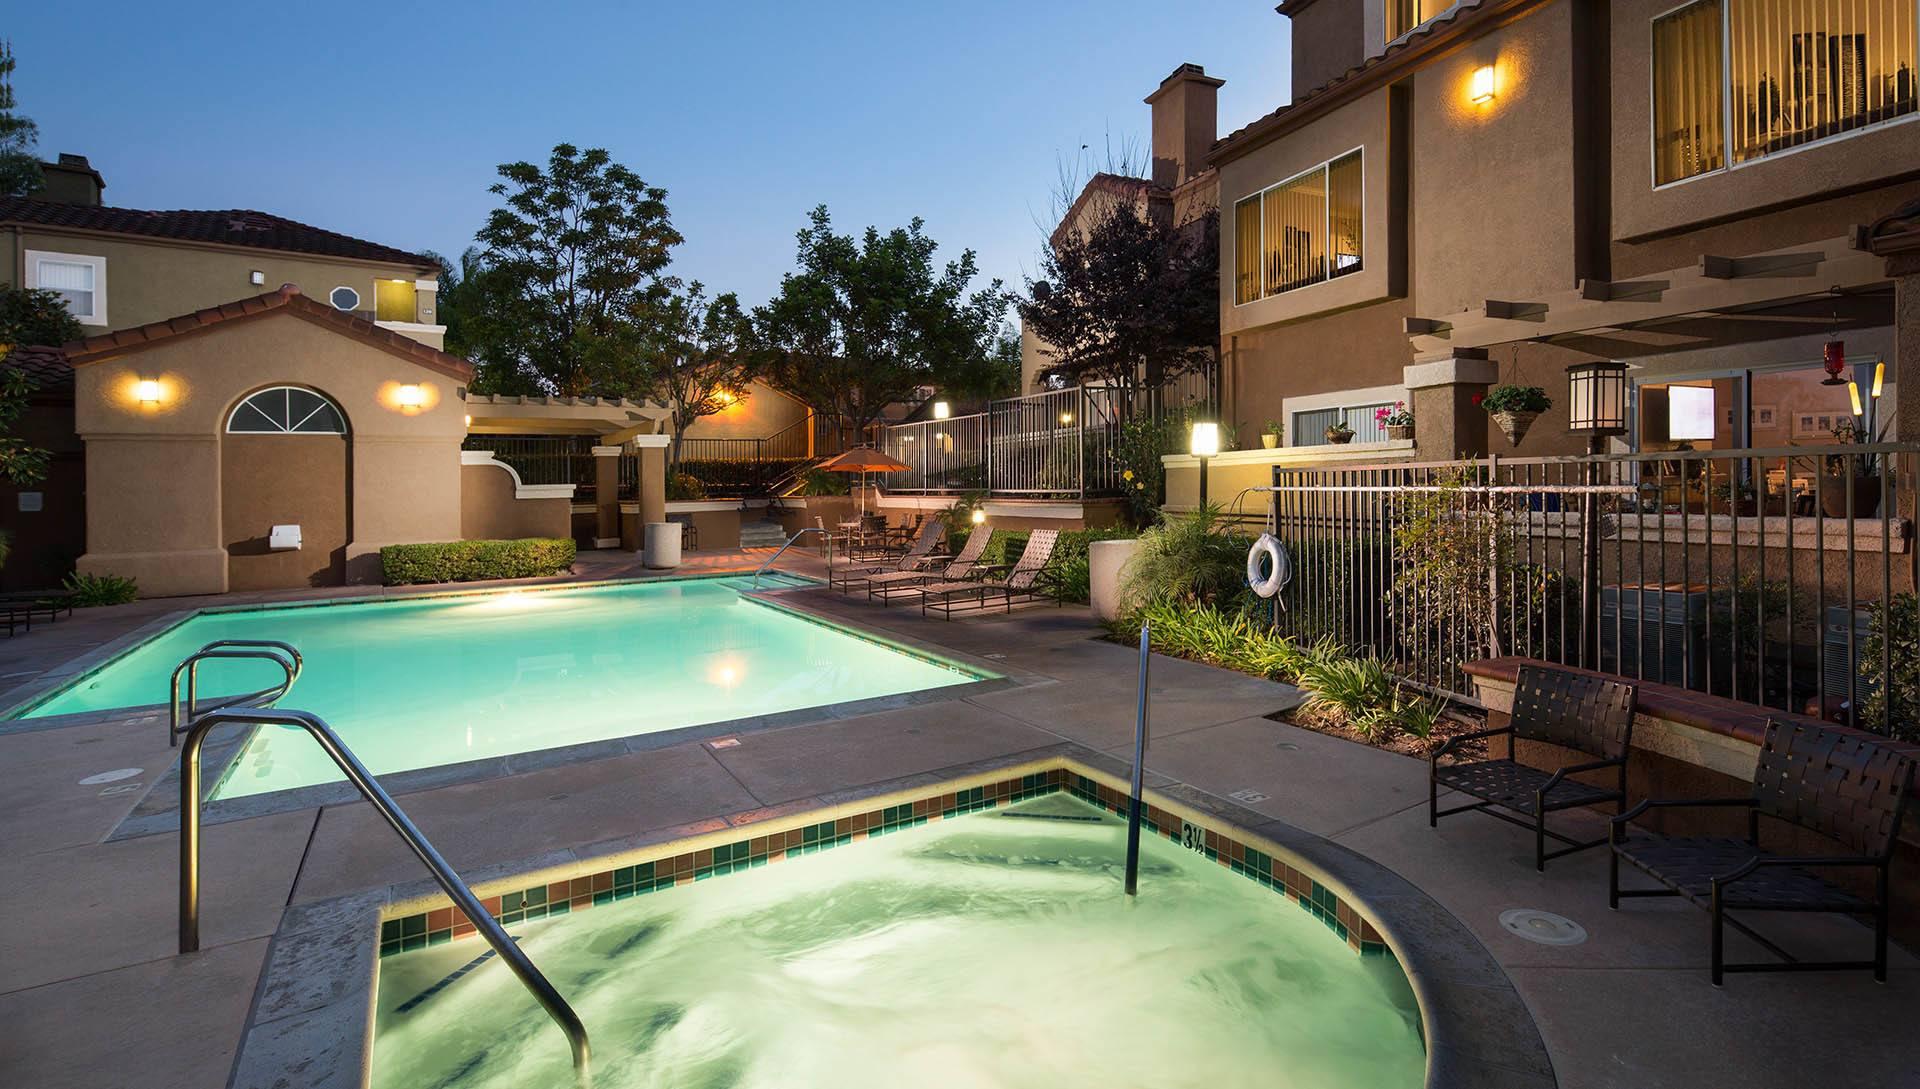 Apartments in Laguna Niguel, CA